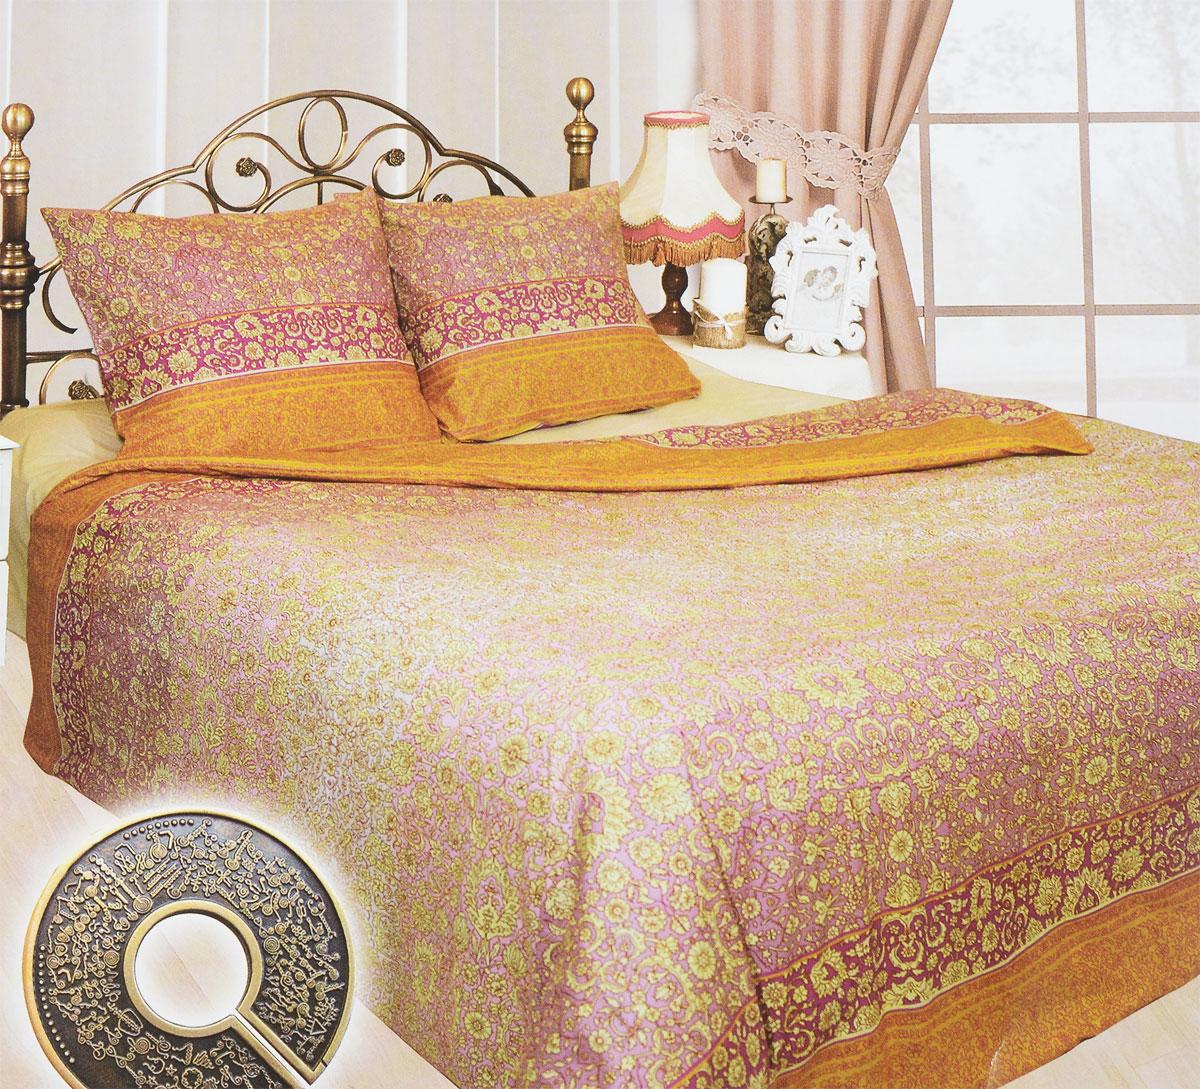 Комплект белья Sova & Javoronok Индира, 1,5-спальный, наволочки 50х702030815210Комплект постельного белья Индира является экологически безопасным для всей семьи, так как выполнен из бязи (натурального хлопка). Комплект состоит из пододеяльника, простыни и двух наволочек. Предметы комплекта оформлены оригинальным рисунком.Бязь - 100 % хлопок, хлопчатобумажная ткань полотняного переплетения без искусственных добавок. Большое количество нитей делает эту ткань более плотной, более долговечной. Высокая плотность ткани позволяет сохранить форму изделия, его первоначальные размеры и первозданный рисунок. Обладает низкой сминаемостью, легко стирается и хорошо гладится. При соблюдении рекомендуемых условий стирки, сушки и глажения ткань имеет усадку по ГОСТу, сохраняется яркость текстильных рисунков.